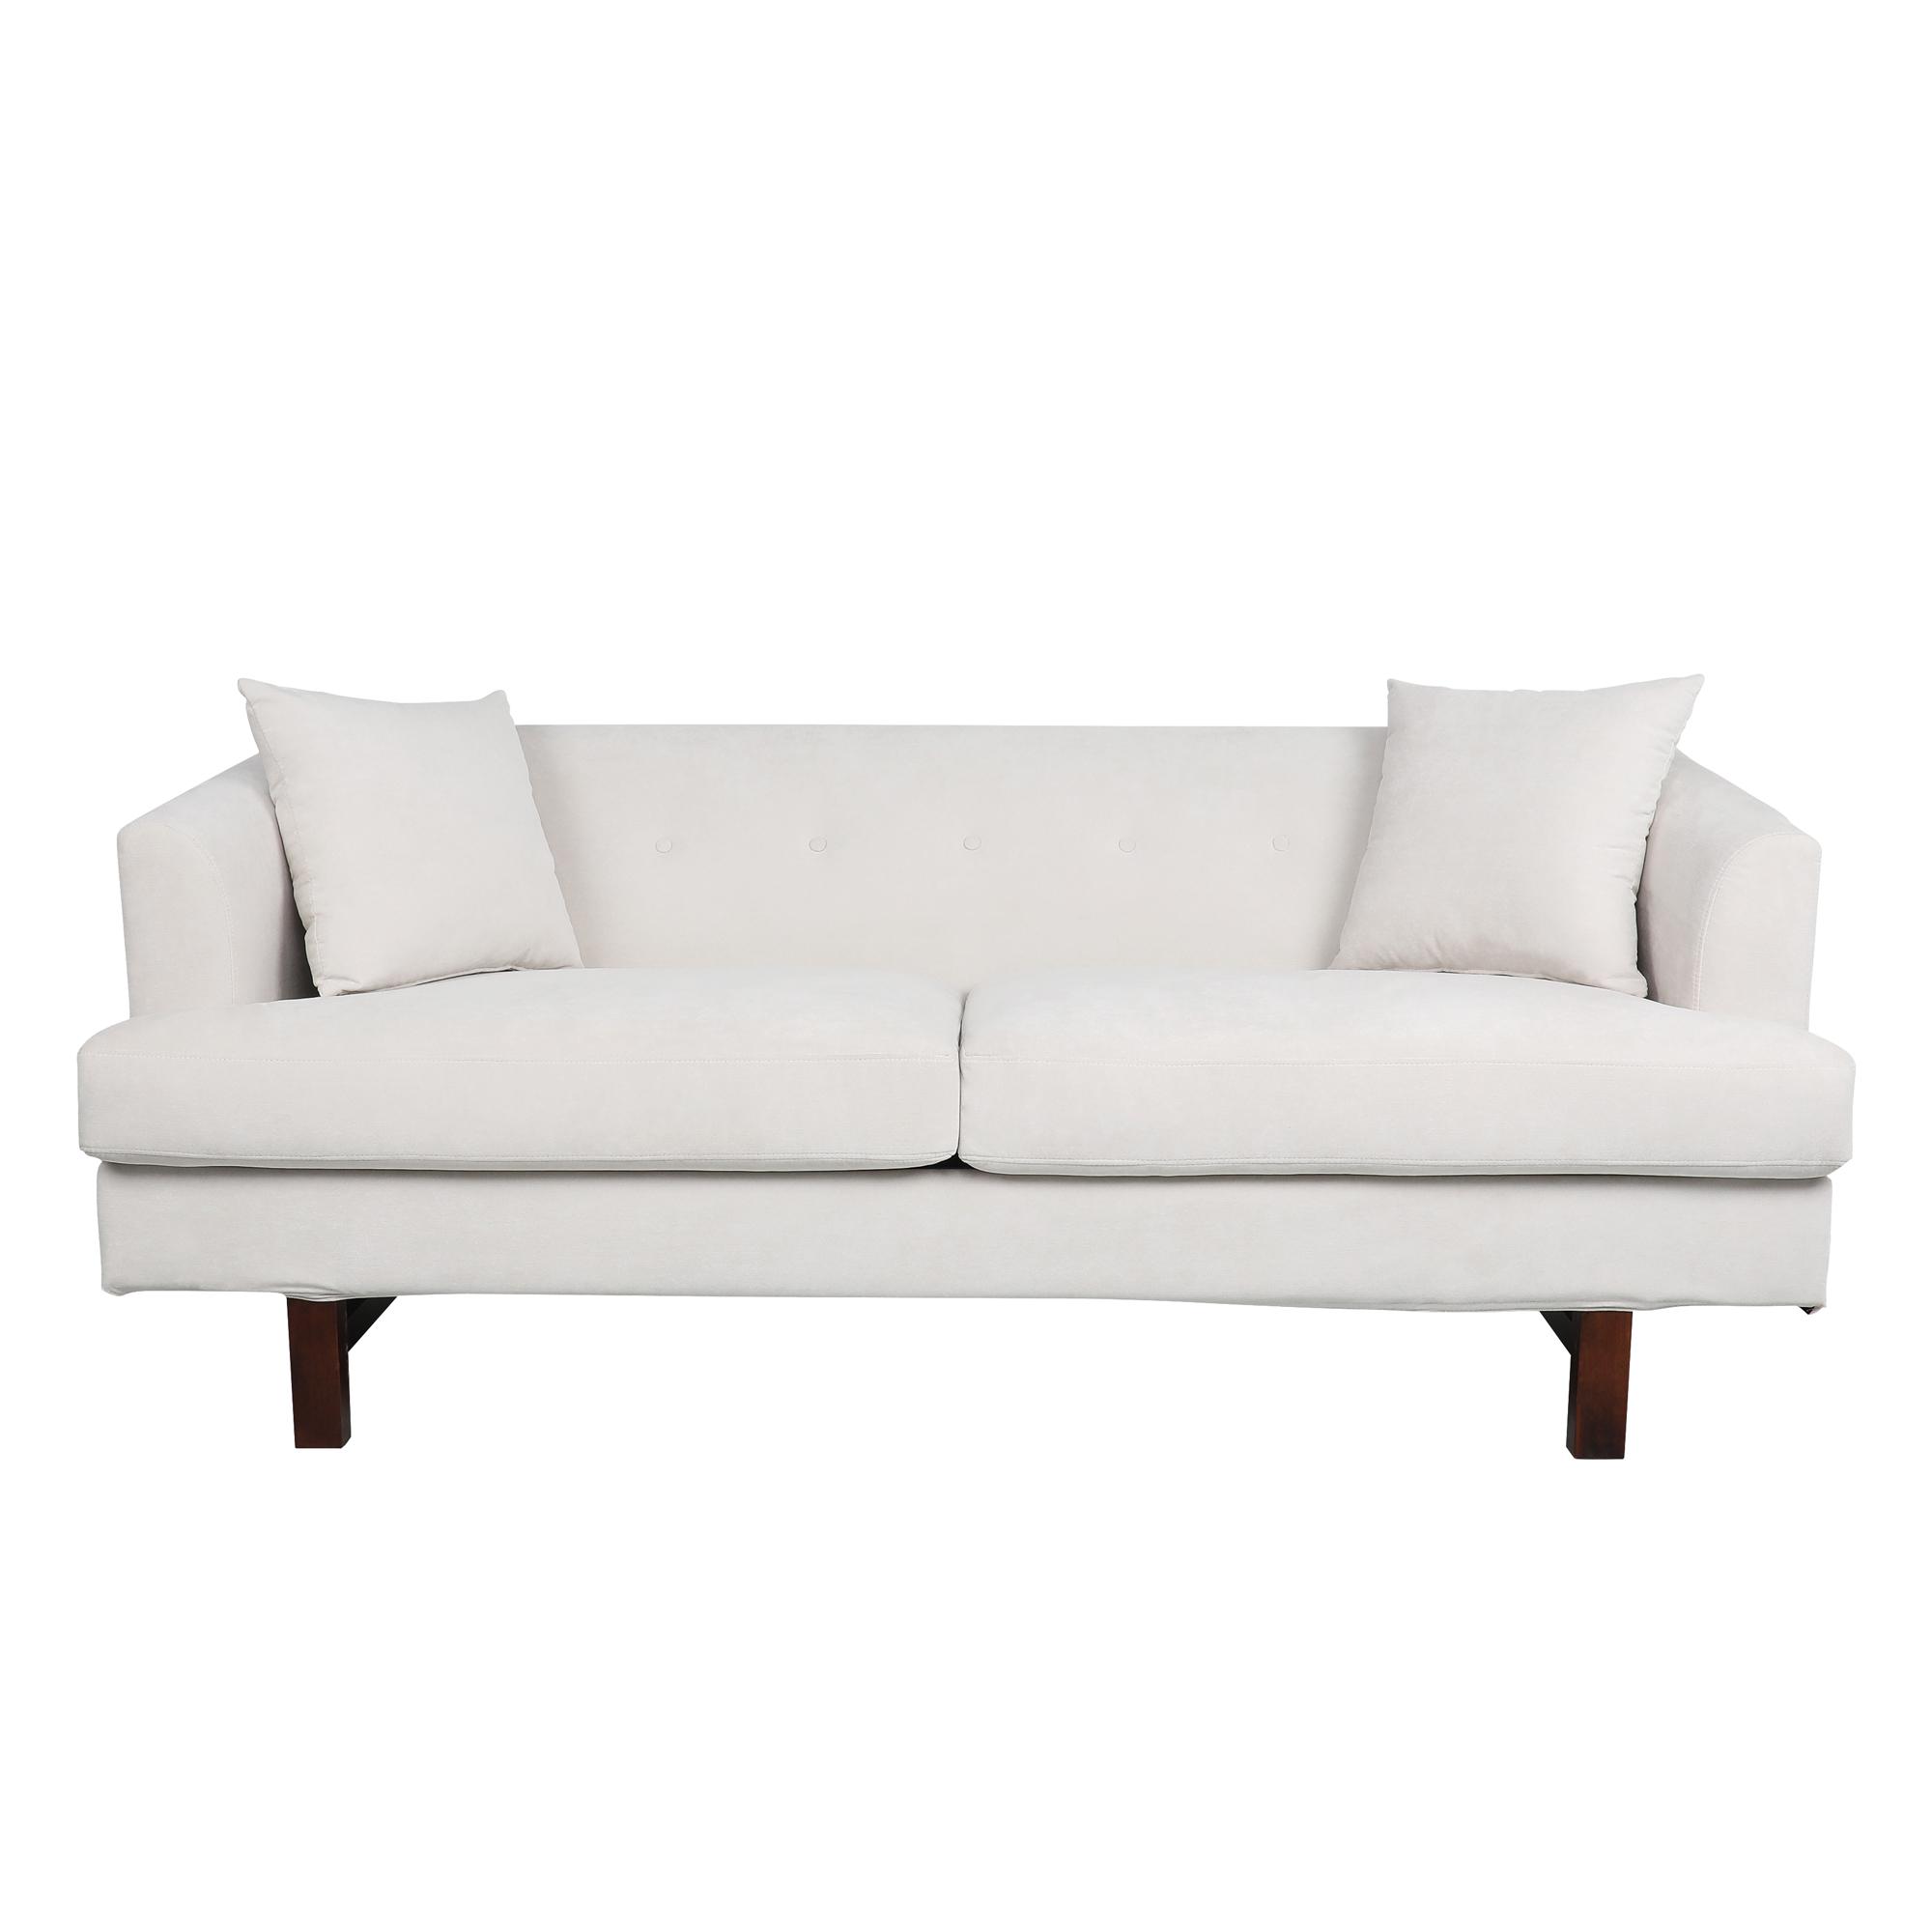 当代3人座布艺沙发,带重音枕头-骨白色/深灰色